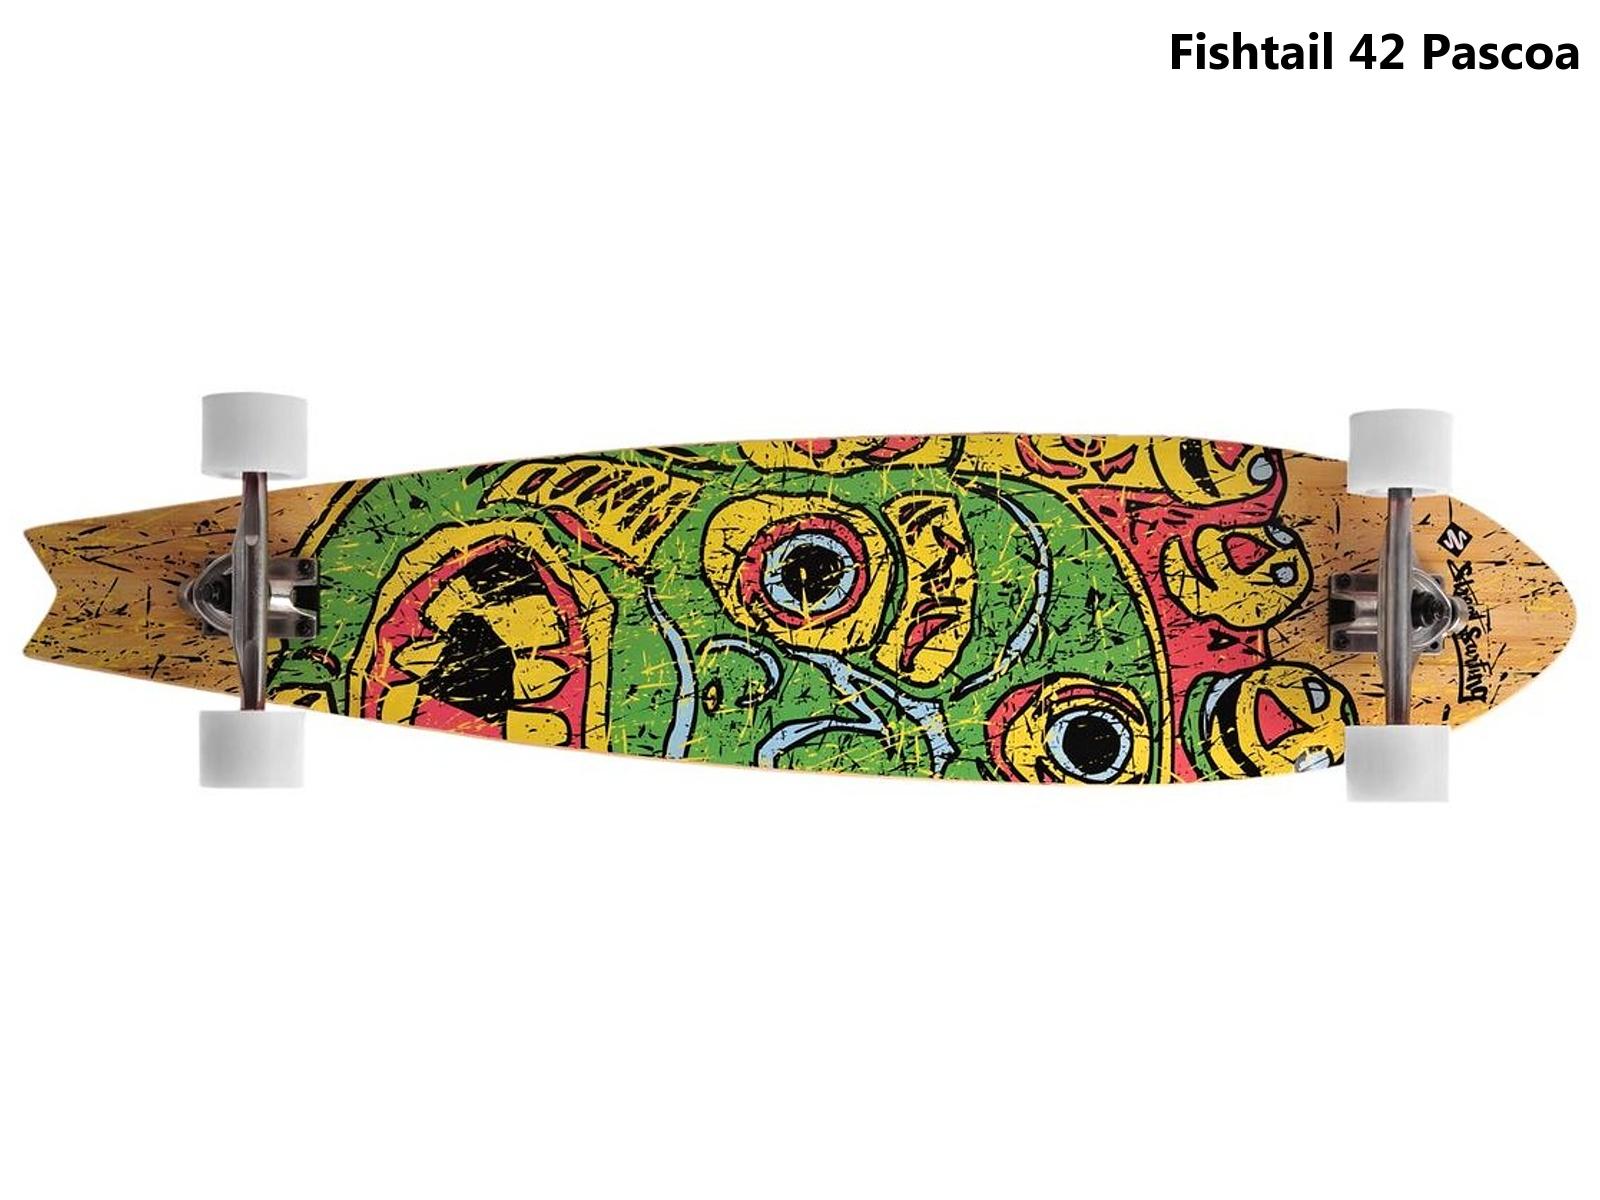 Longboard STREET SURFING Fishtail 42 Pascoa - zelený